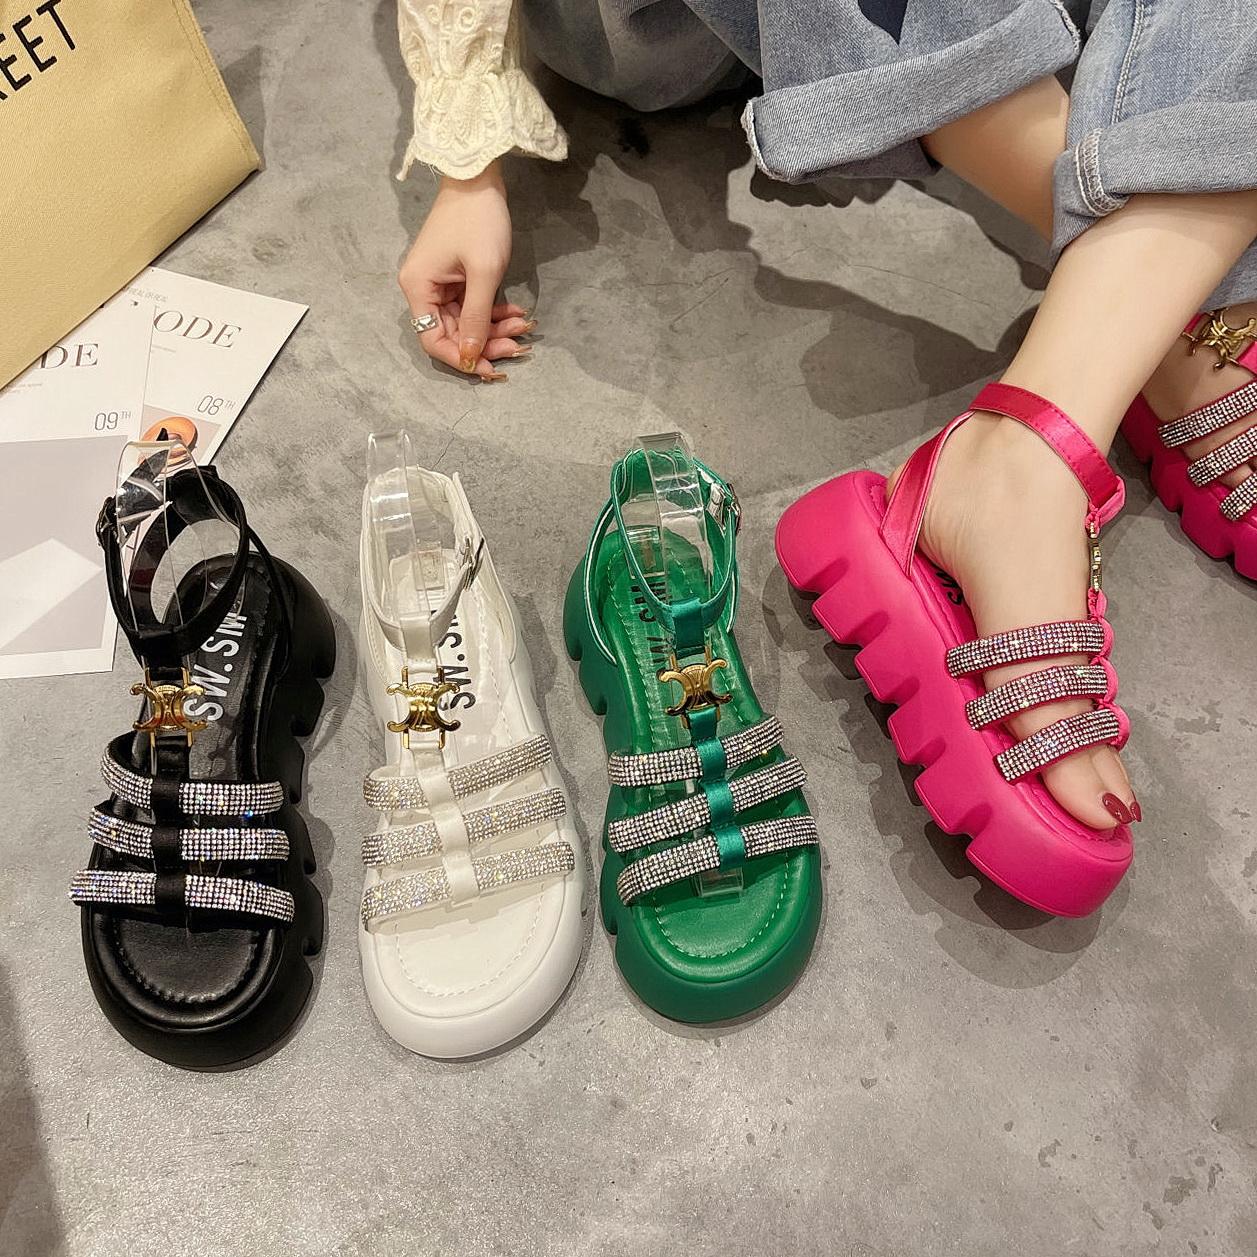 绿色罗马鞋 罗马凉鞋玫红女2021夏季新款水钻时装厚底松糕钢琴底绿色罗马鞋_推荐淘宝好看的绿色罗马鞋